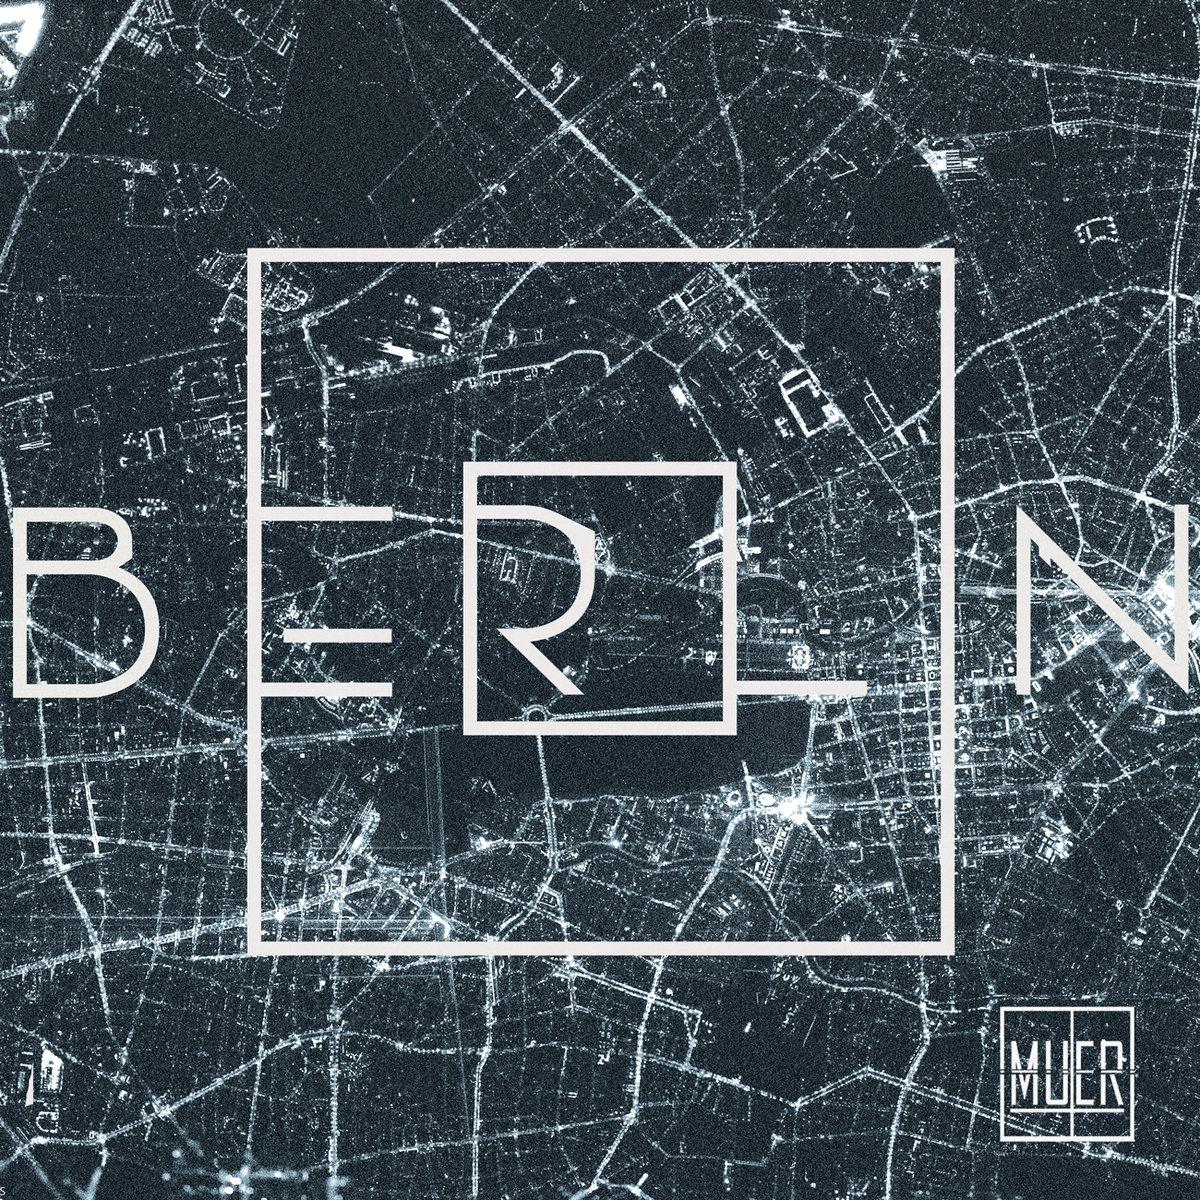 Muer - Berlin